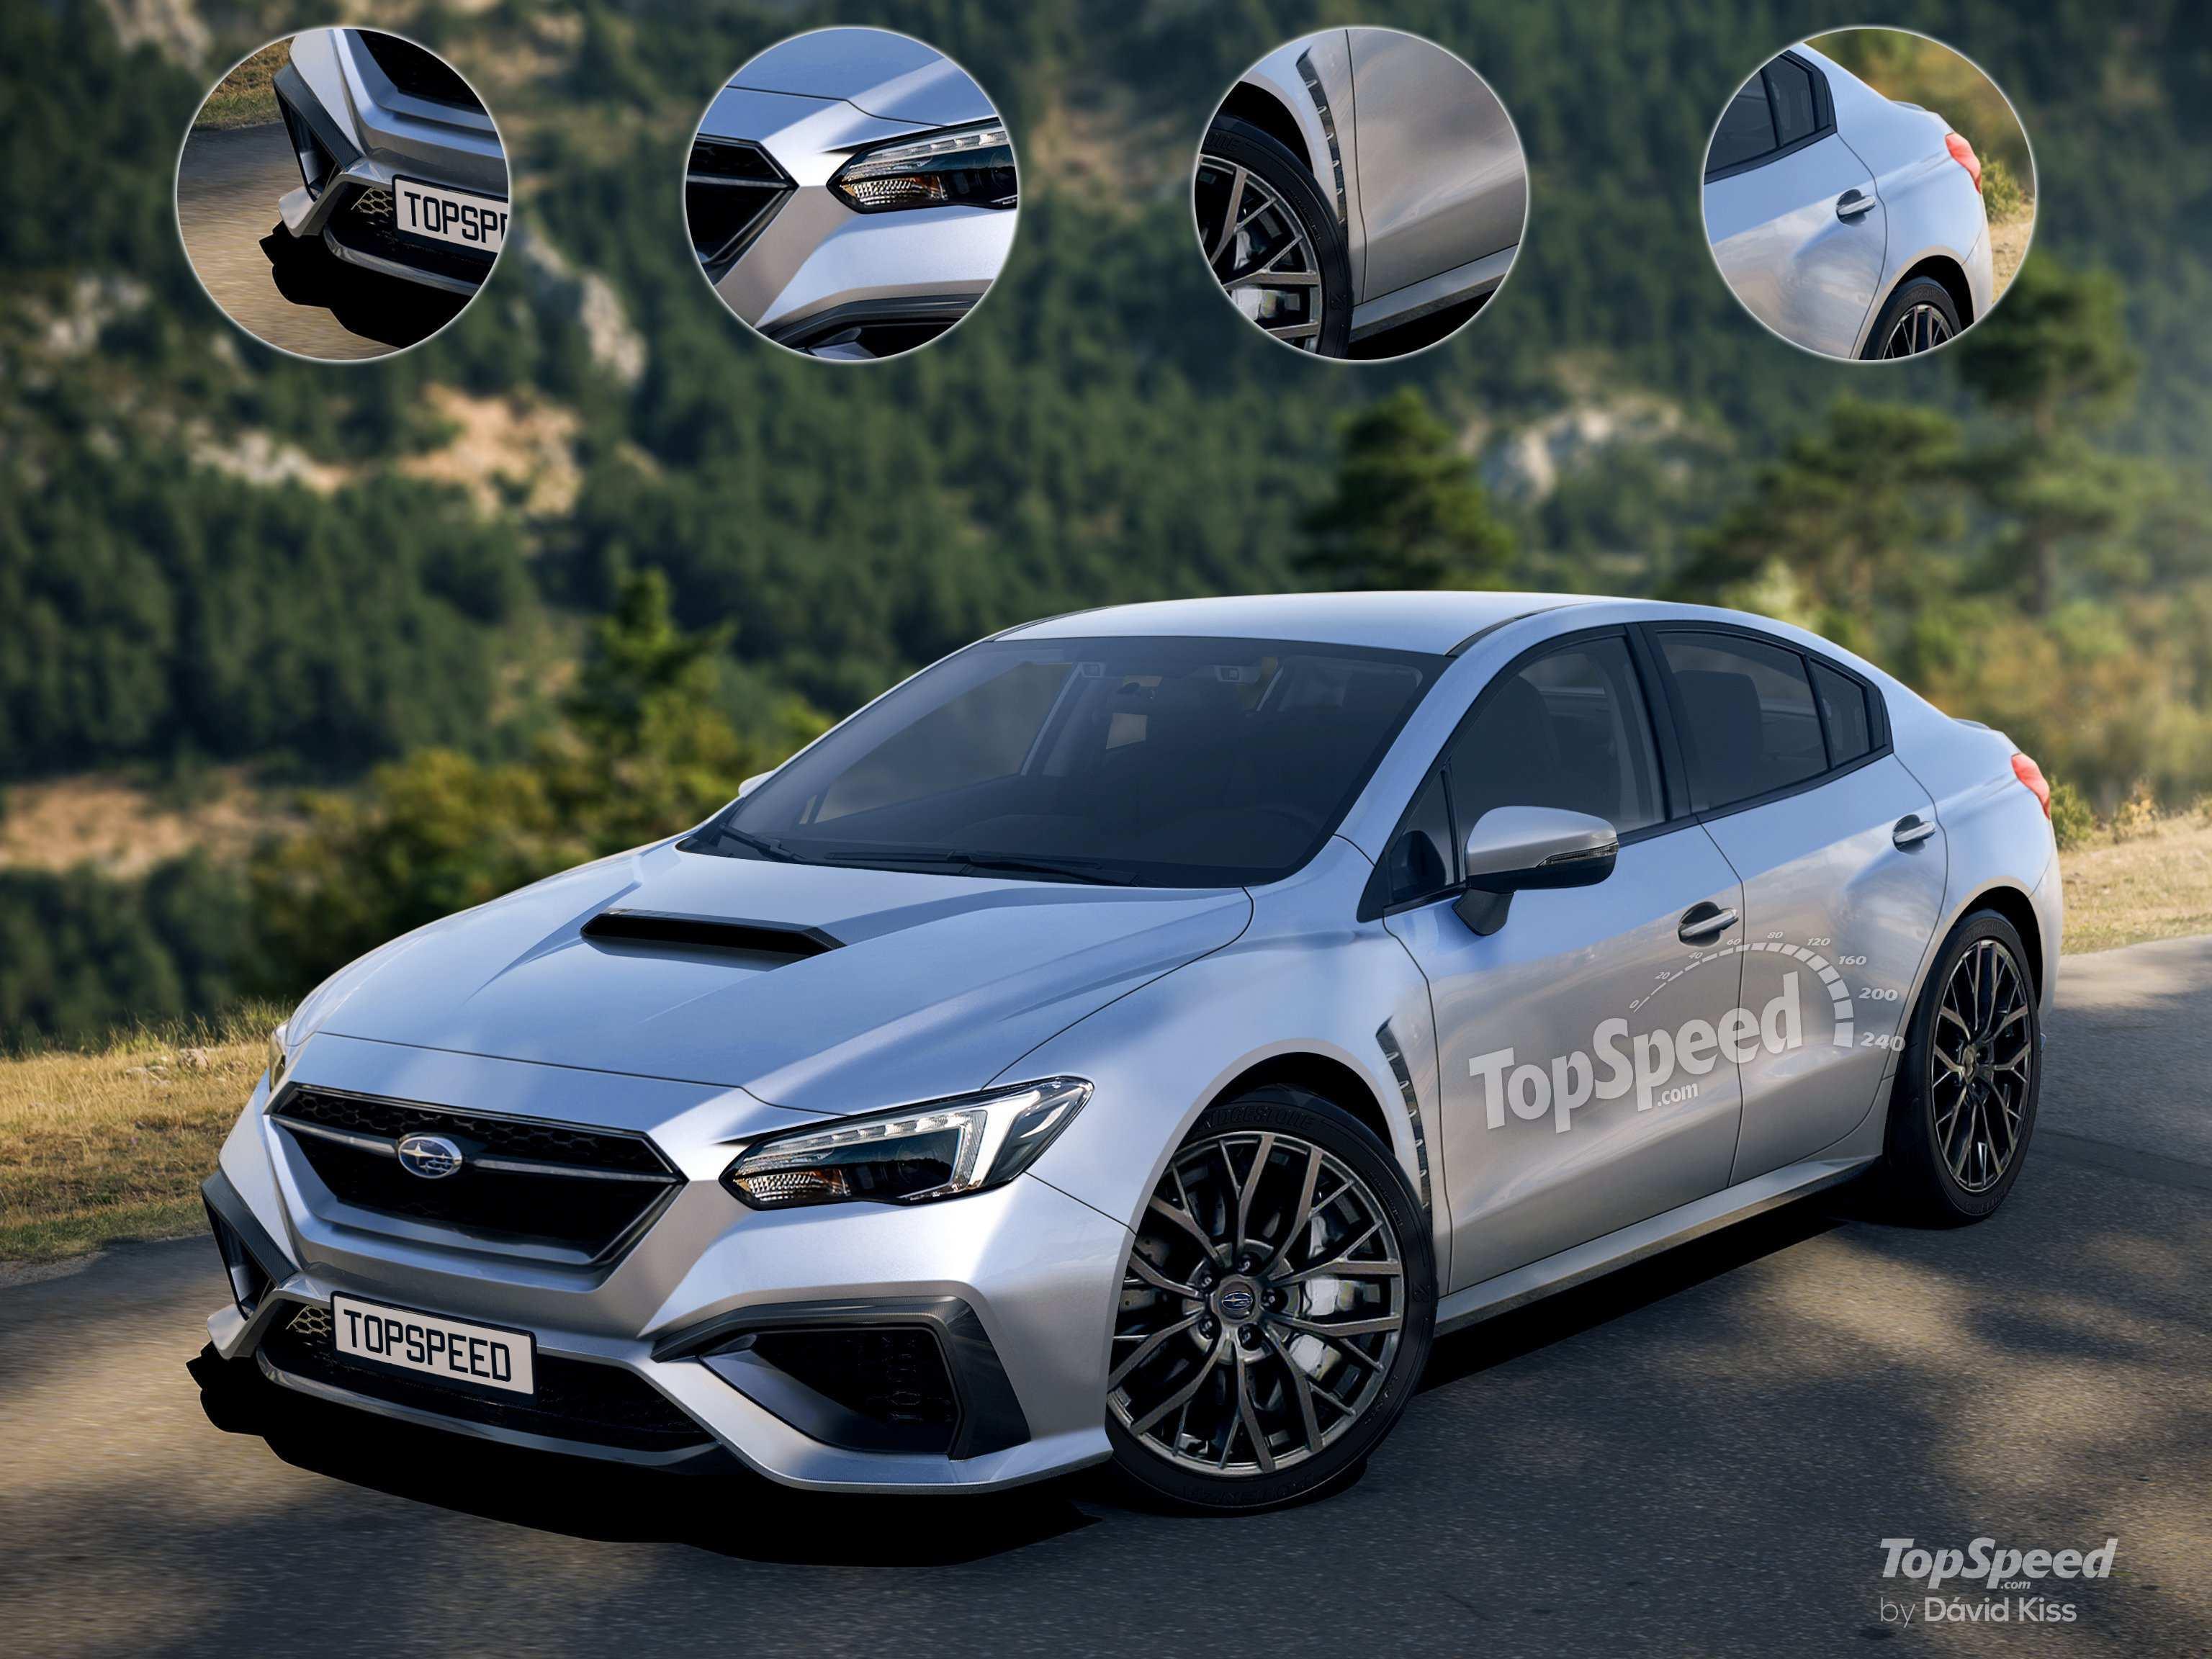 33 Best Review 2020 Subaru Impreza Wrx Sti New Review by 2020 Subaru Impreza Wrx Sti